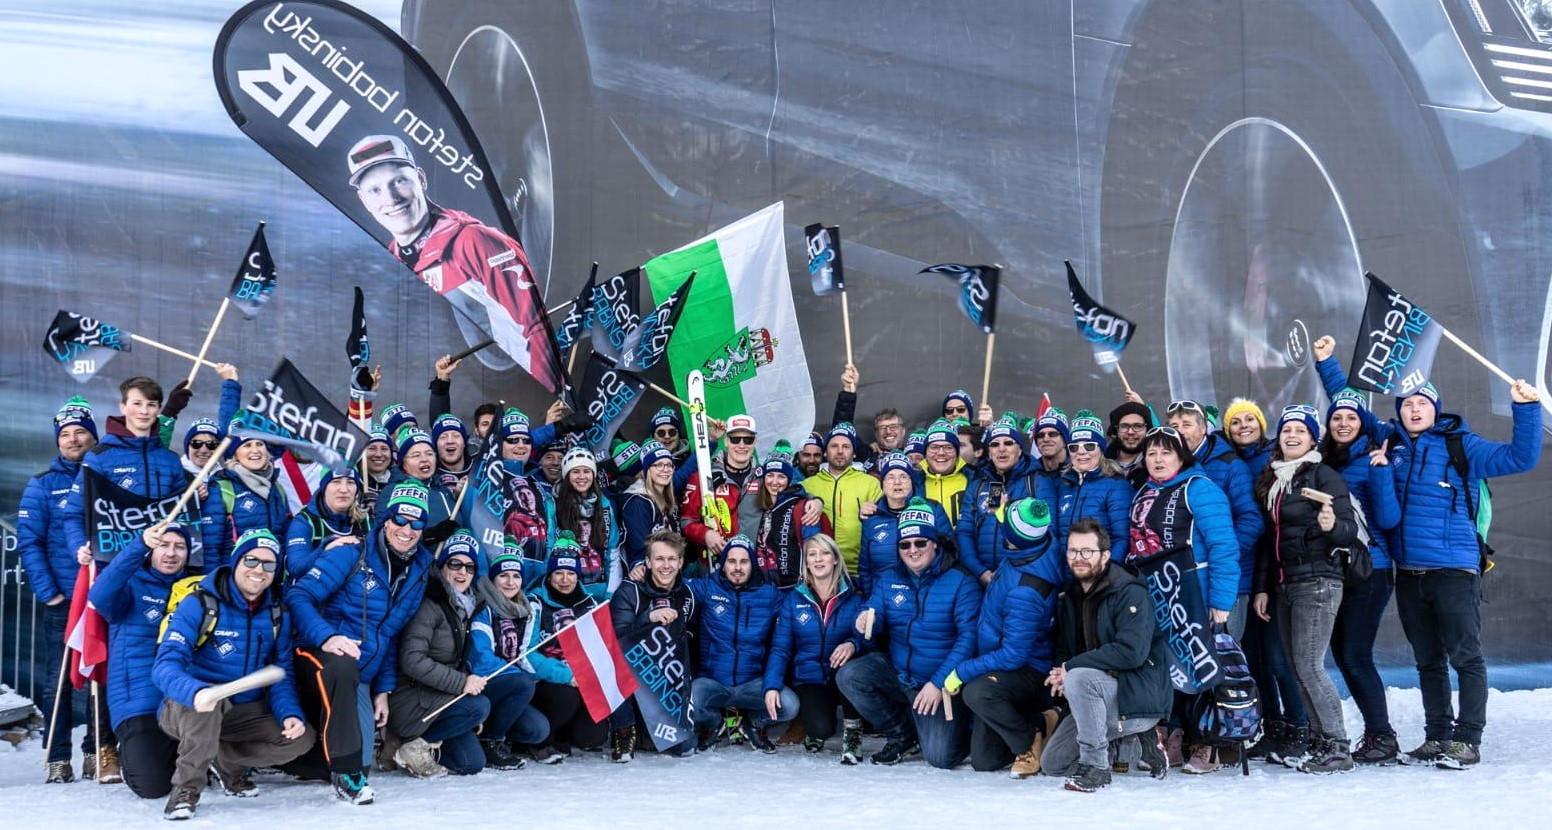 Hauben fürs Skiweltcup-Debüt in Kitzbühel<br>SC Gaal Fanclub Stefan Babinsky